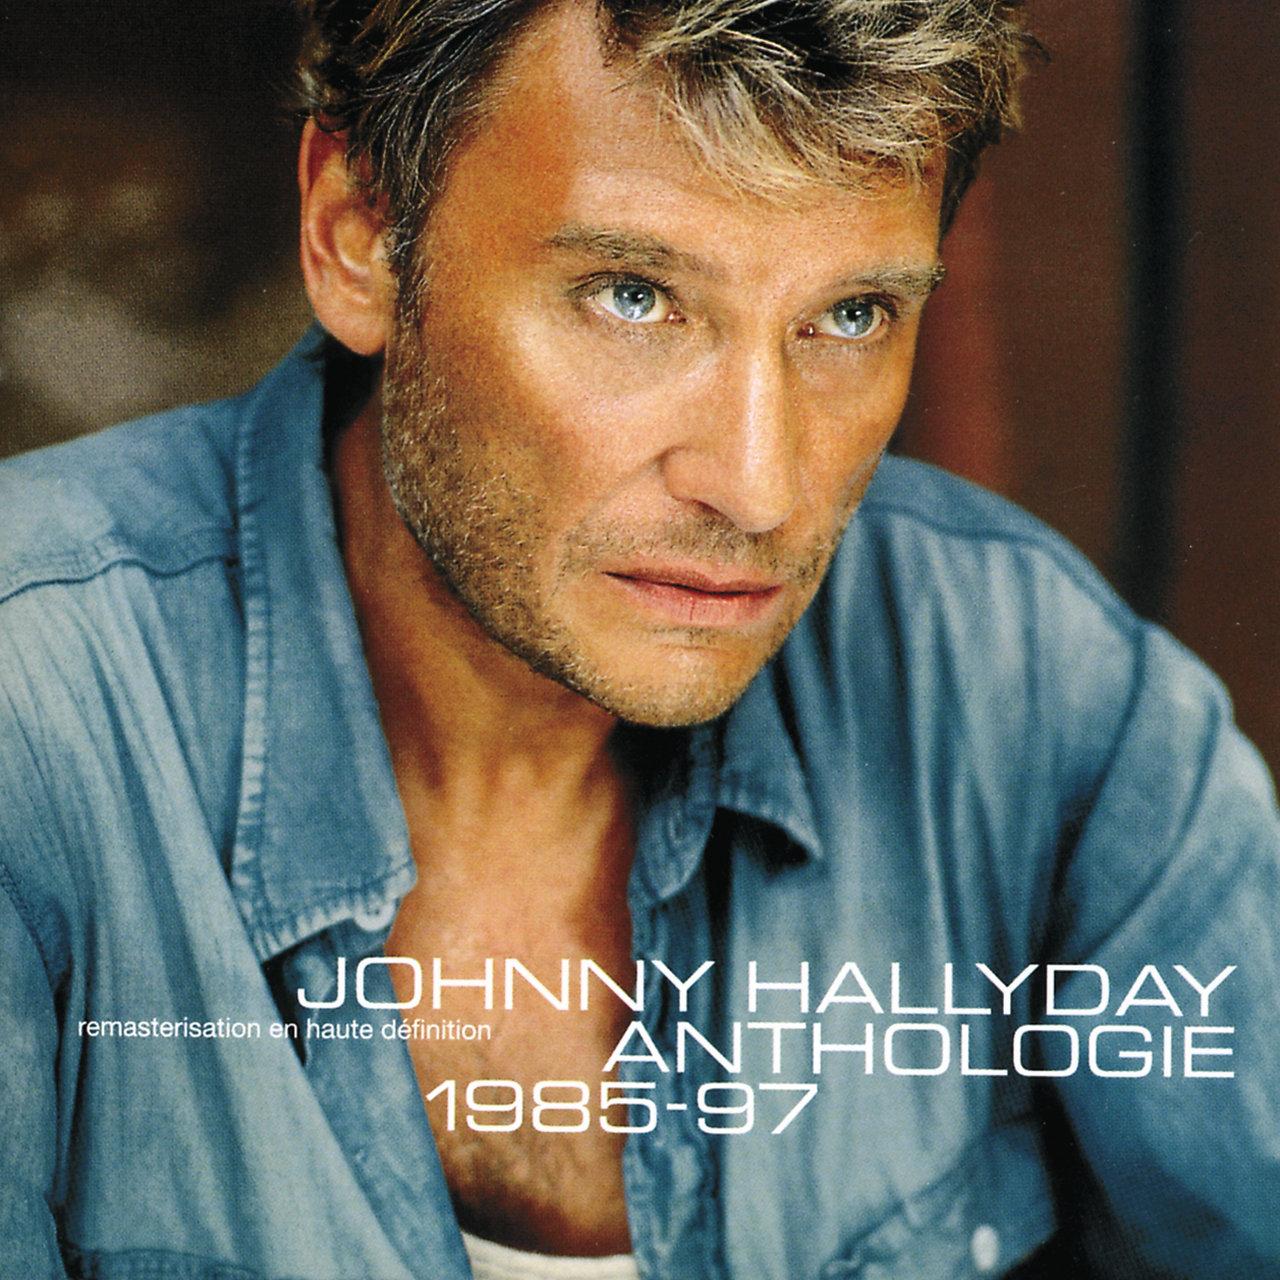 Johnny Hallyday - Anthologie 1985-97 (1998)